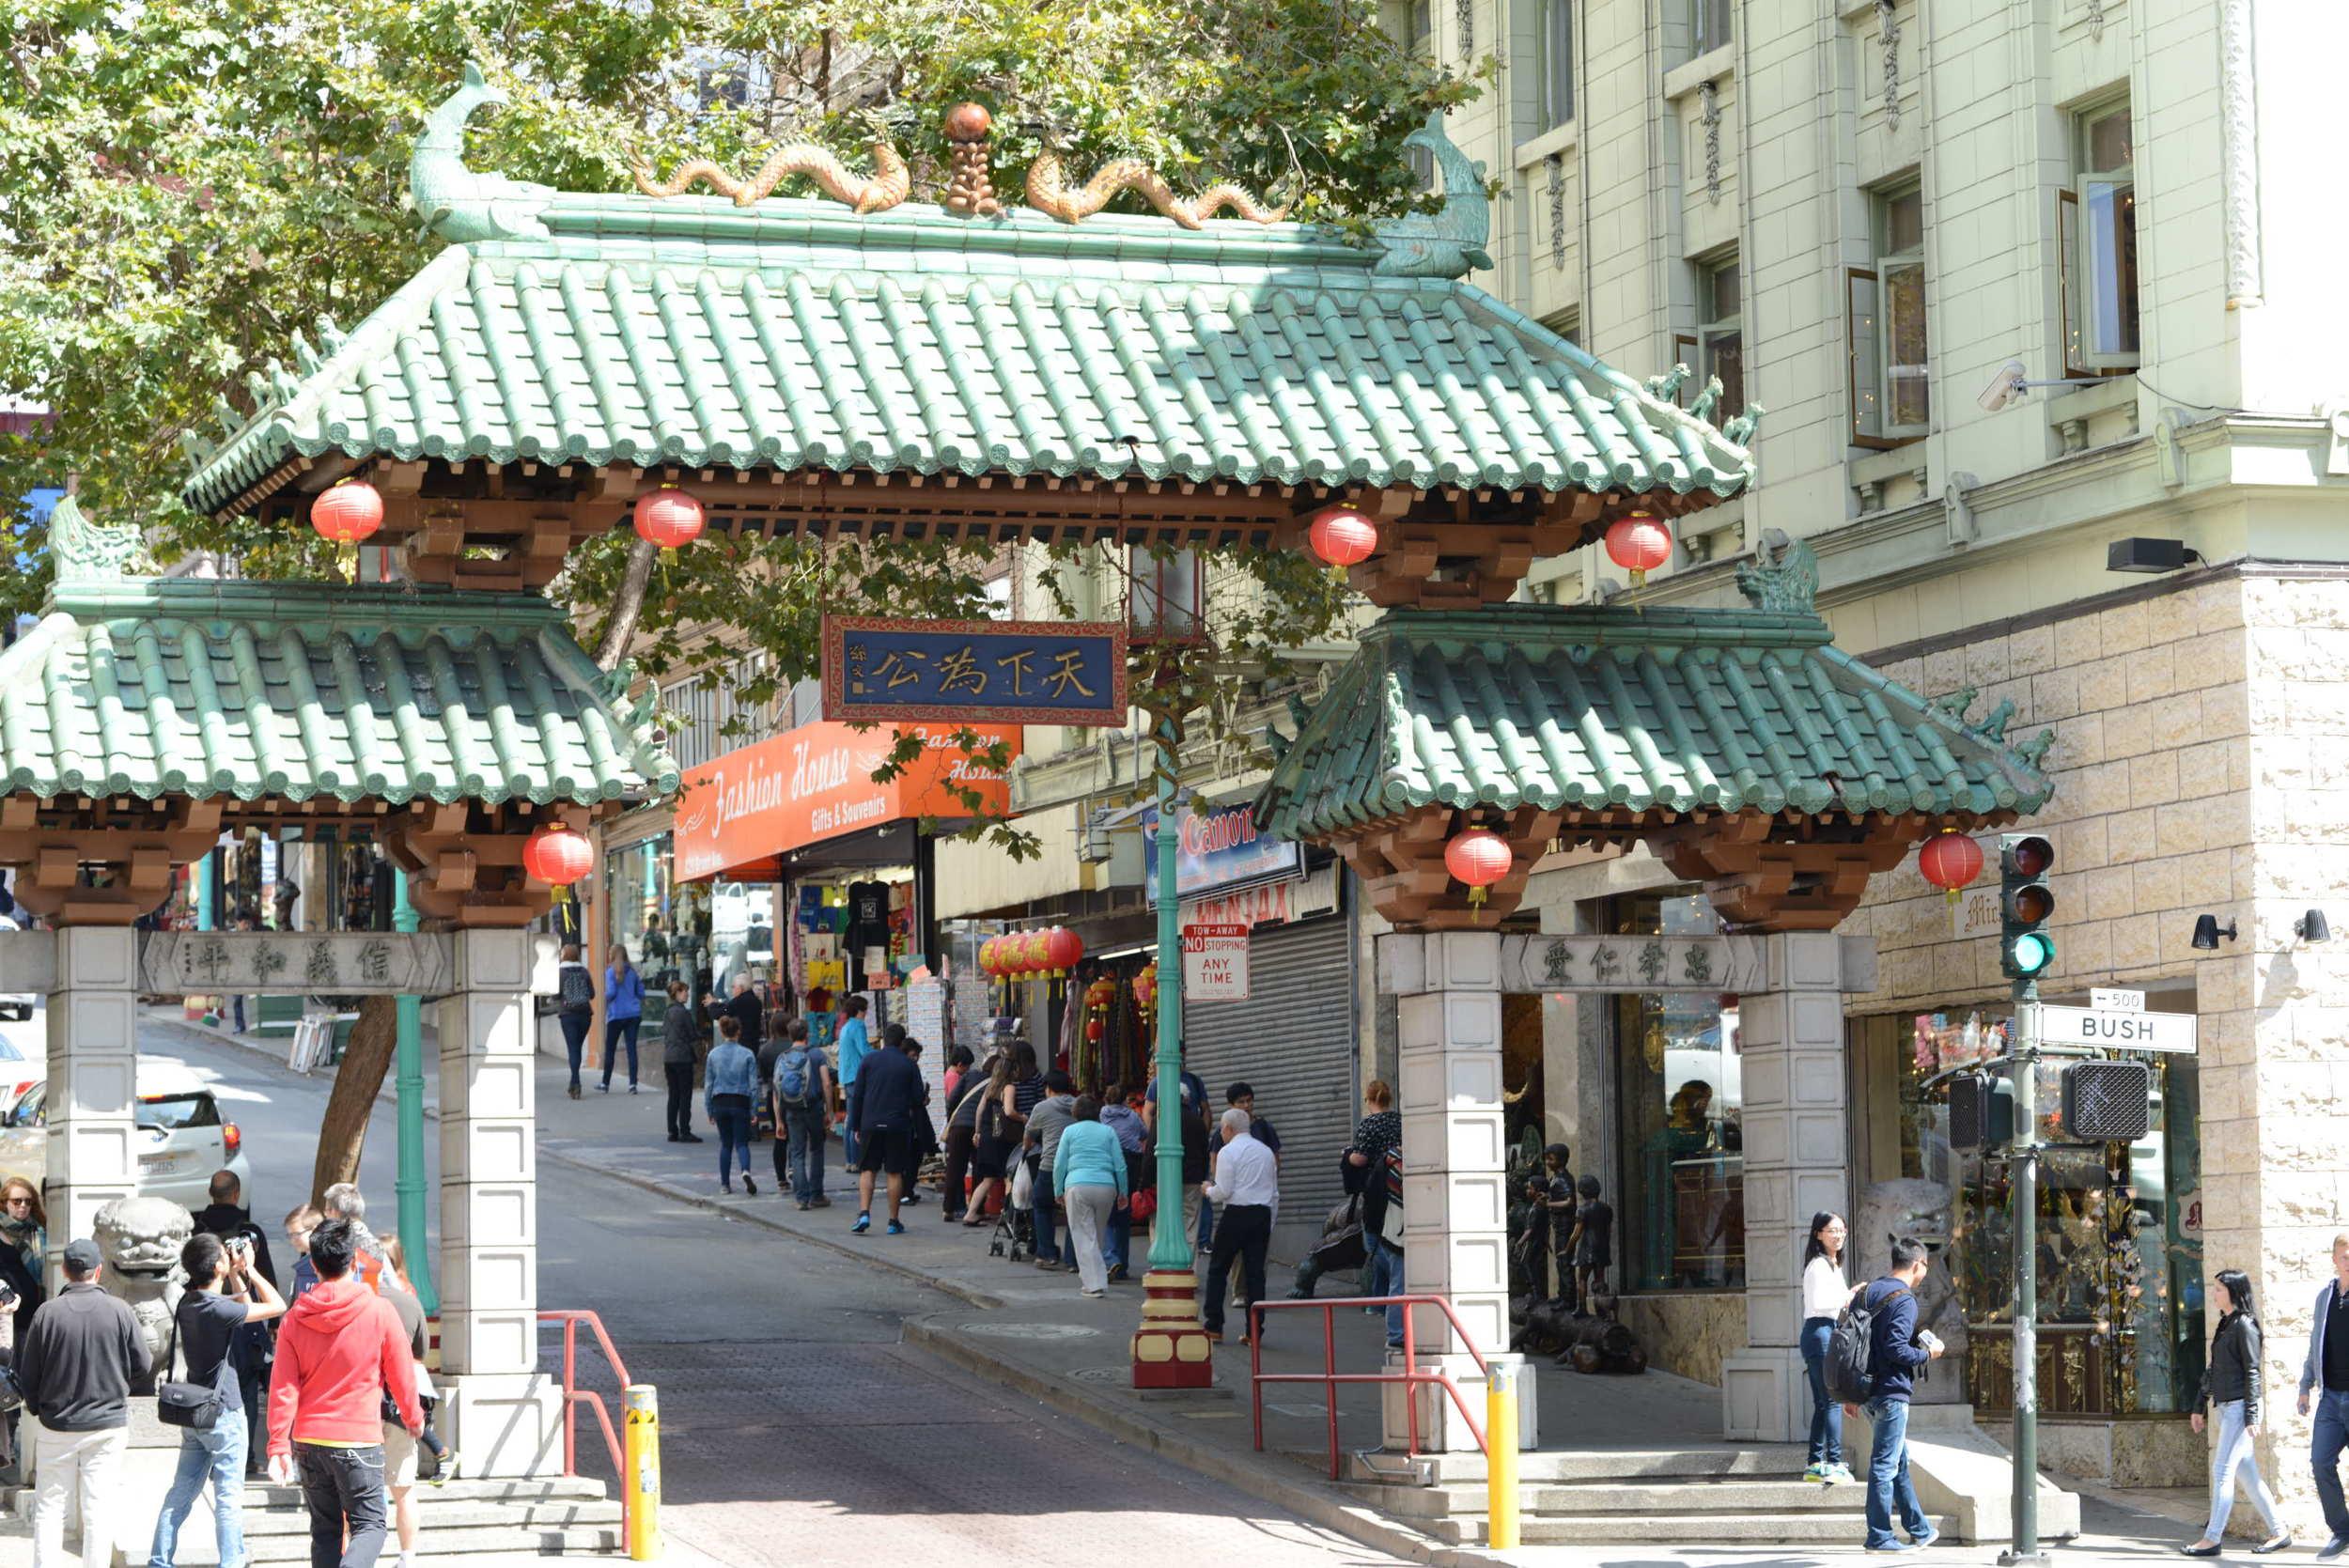 The tour took us through Chinatown.